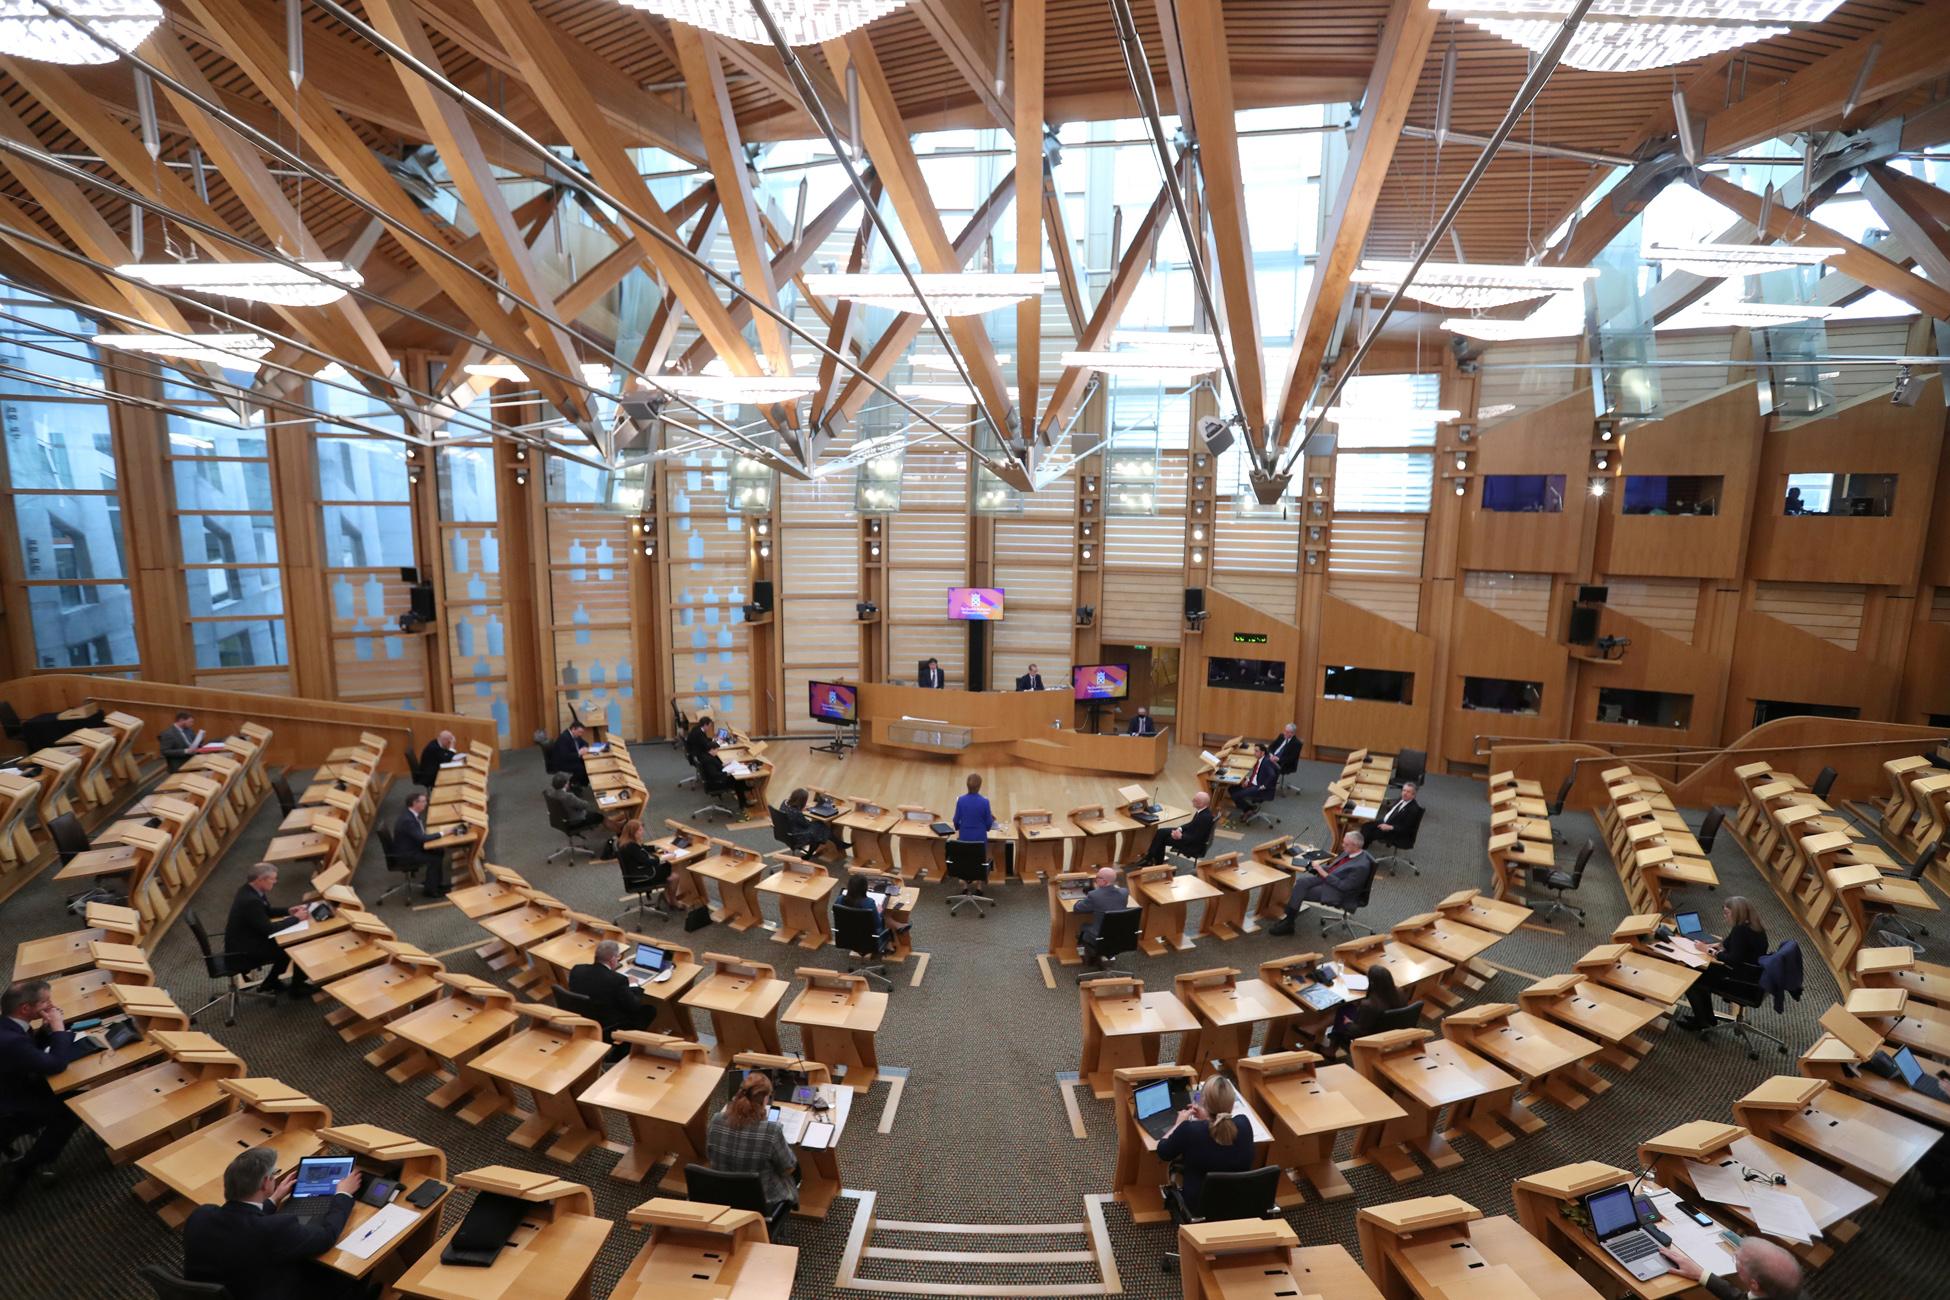 Σκωτία: Νέο δημοψήφισμα για την ανεξαρτησία μετά τον κορονοϊό